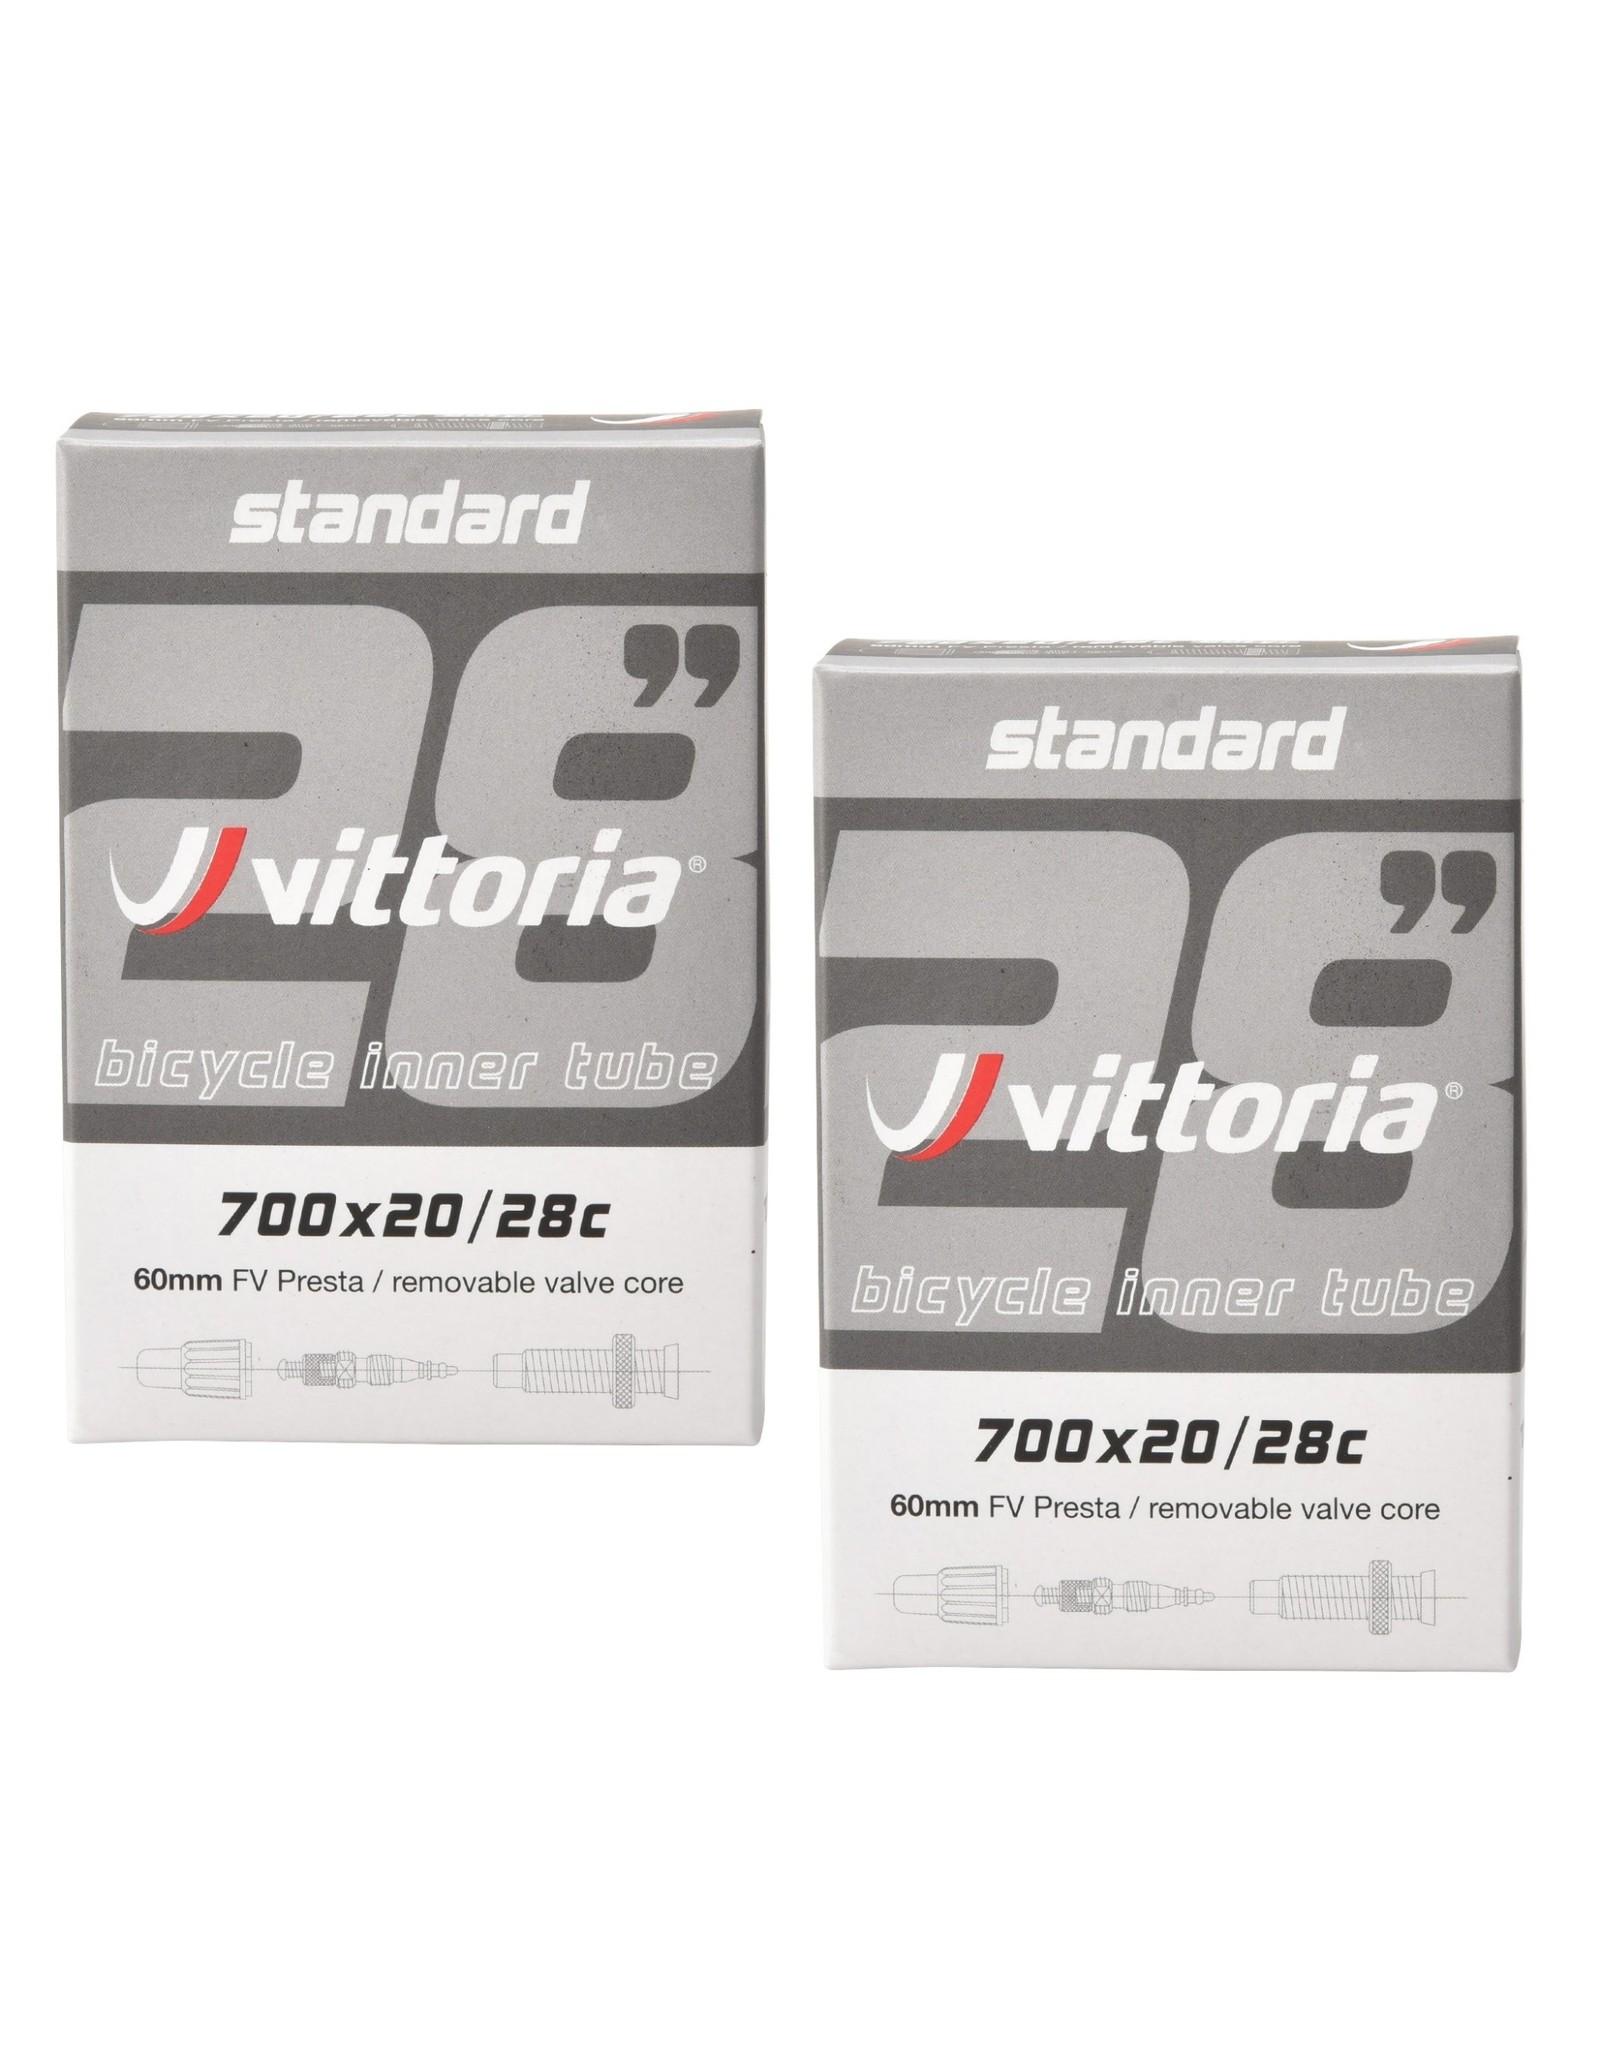 VITTORIA 700X20/28C FV PRESTA 60MM